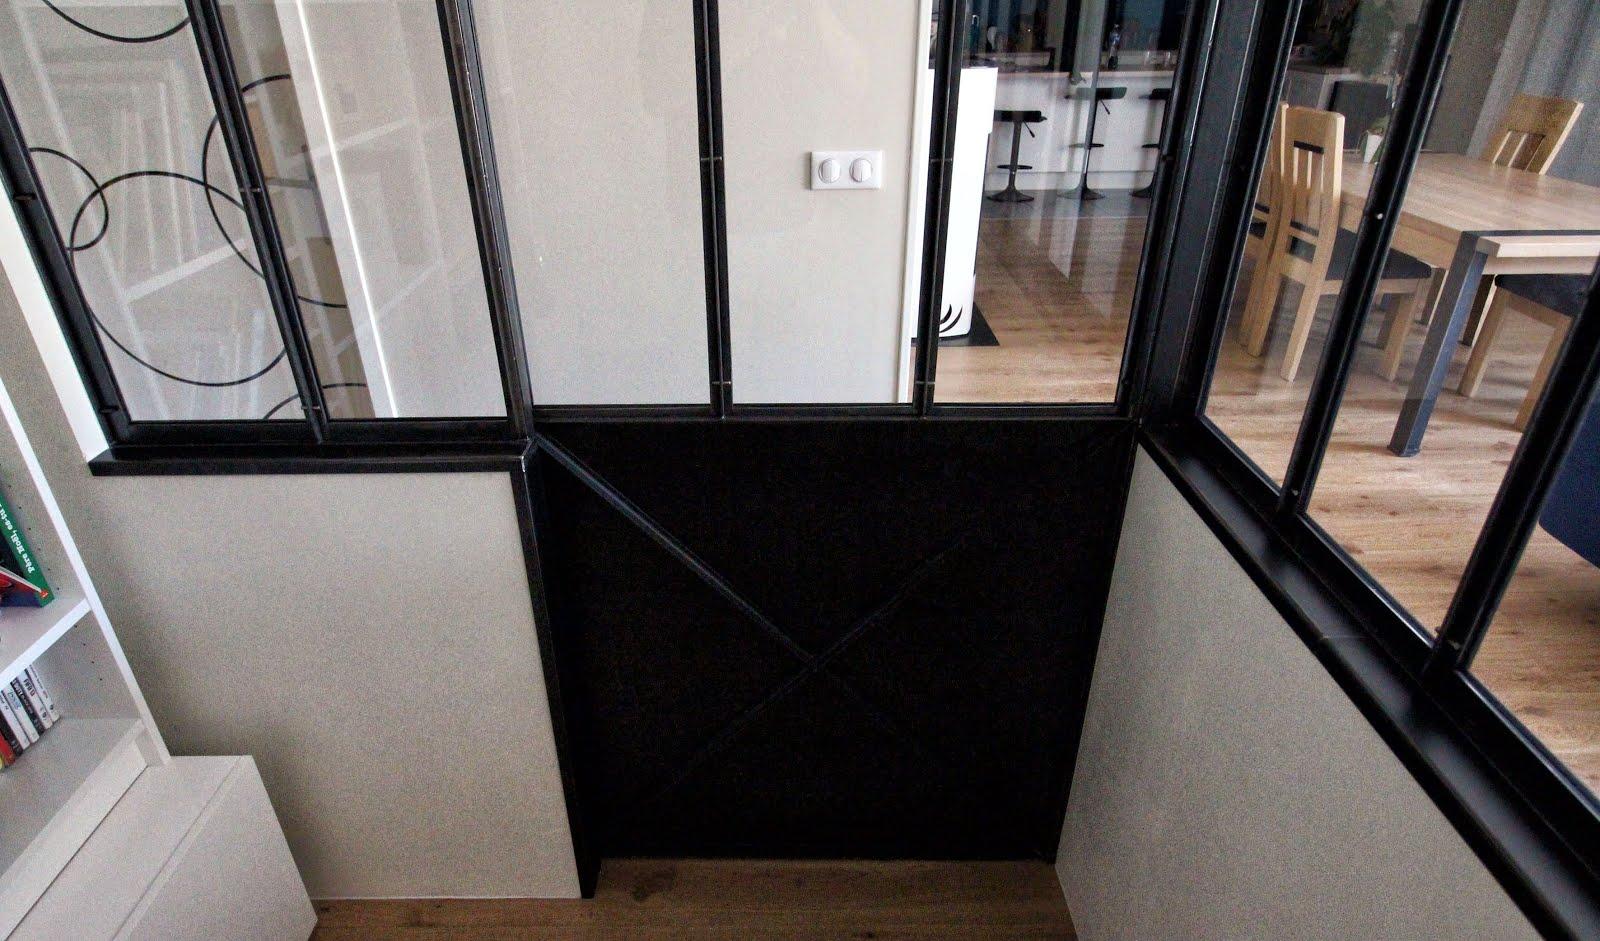 Verriere interieure porte coulissante best portes de placards portes suspendues d verriere - Verriere interieure brico depot ...